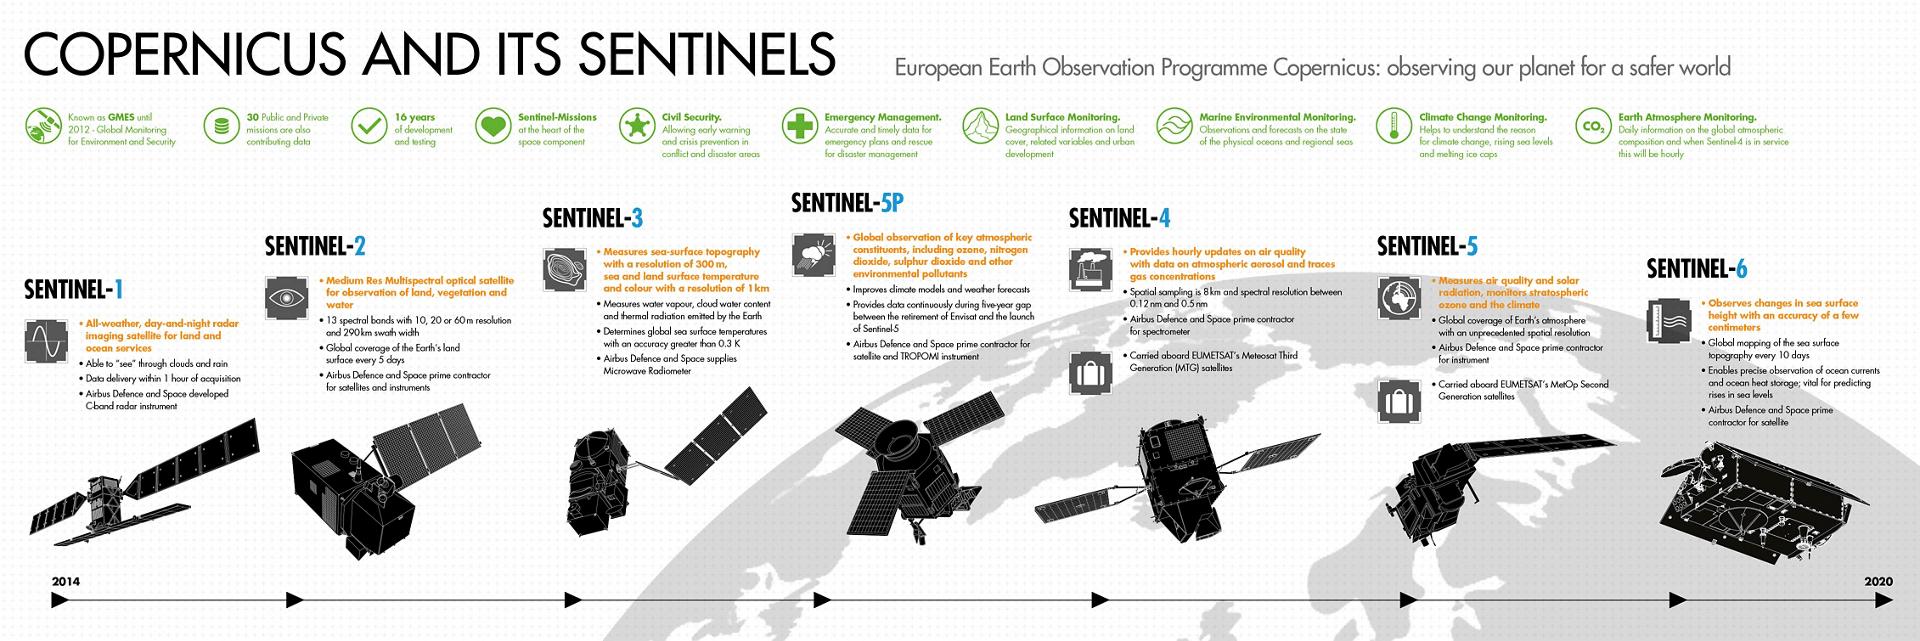 Tutte le missioni Sentinel. Credits: Airbus